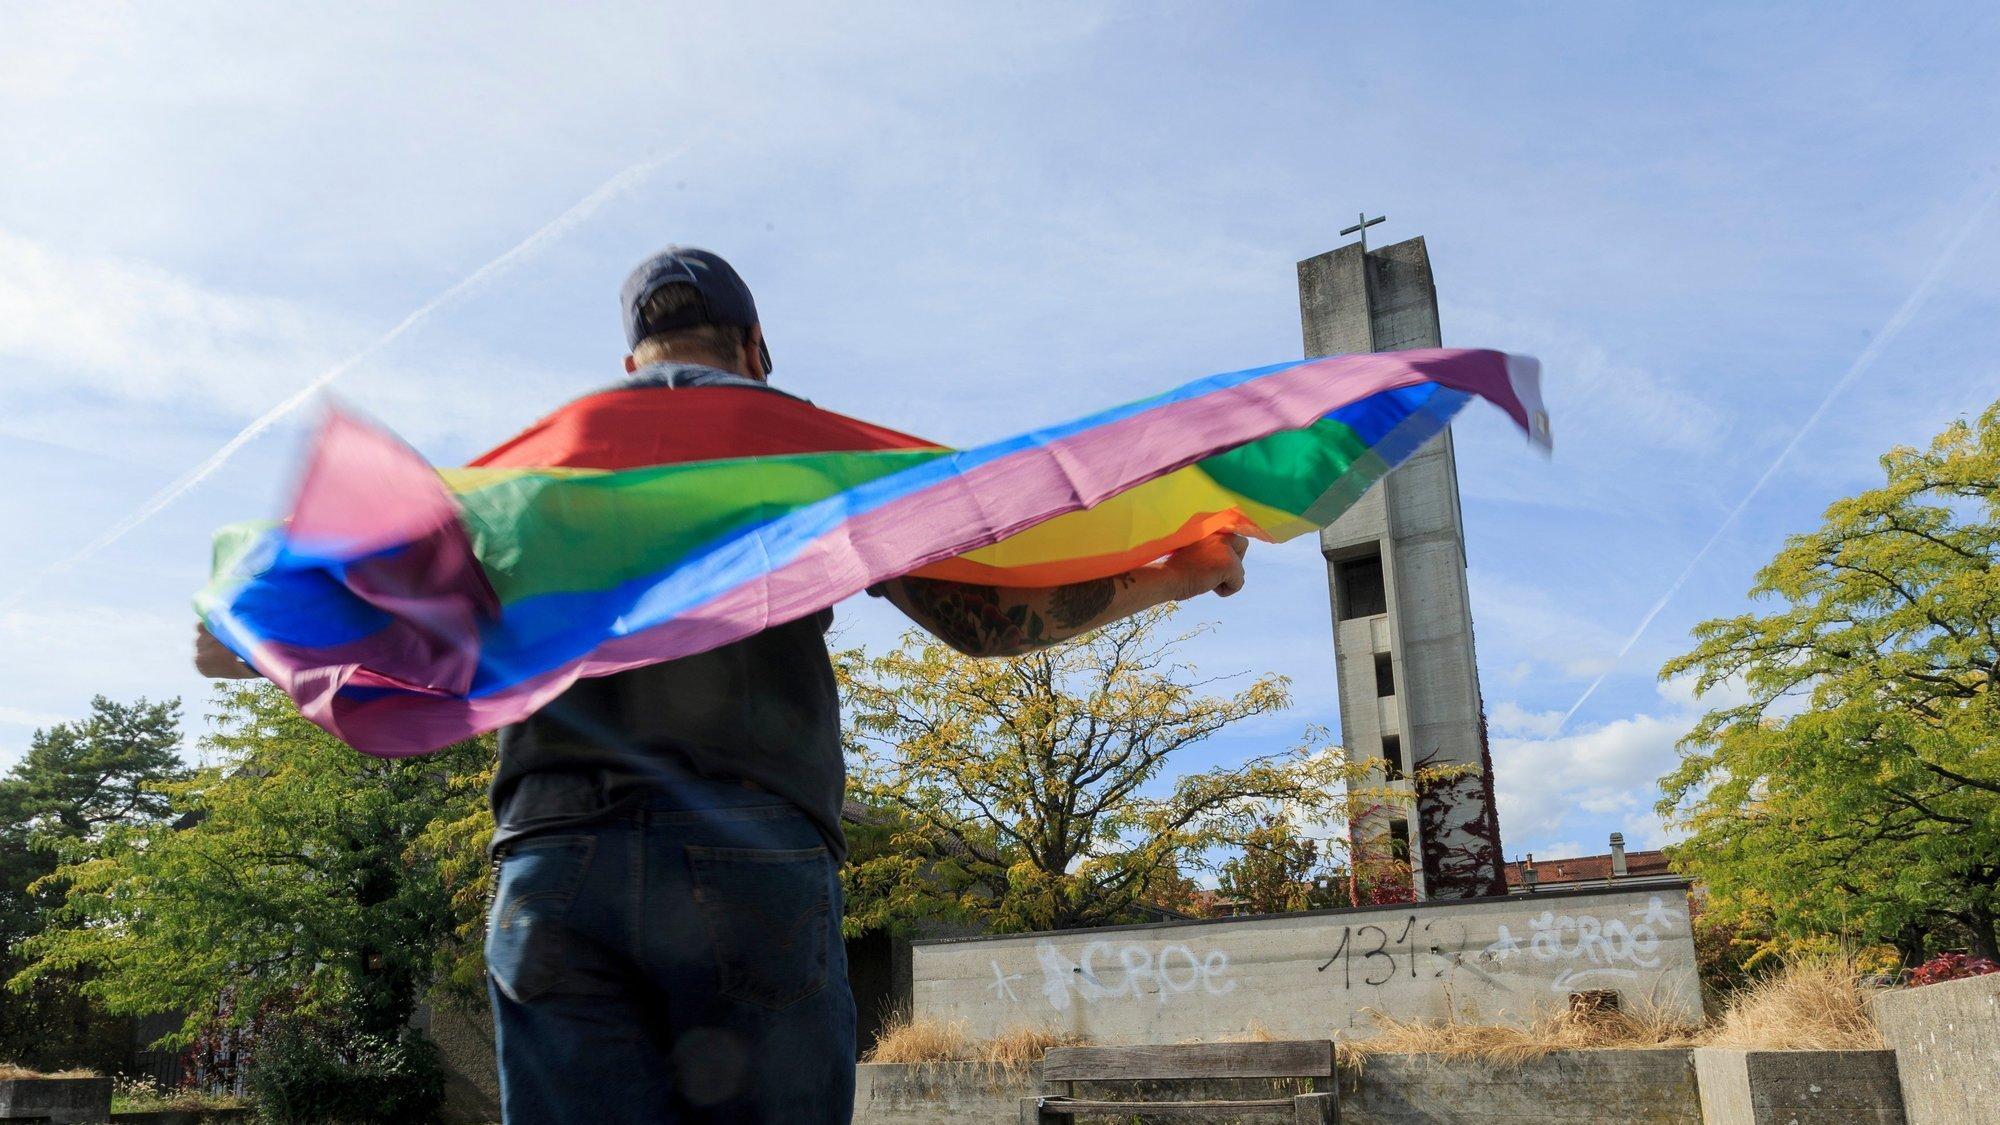 Les couples de même sexe pourront se marier civilement dès l'été 2022. Et à l'église? Des mariages homosexuels auront-ils un jour lieu au temple de Gland, ici à l'image?